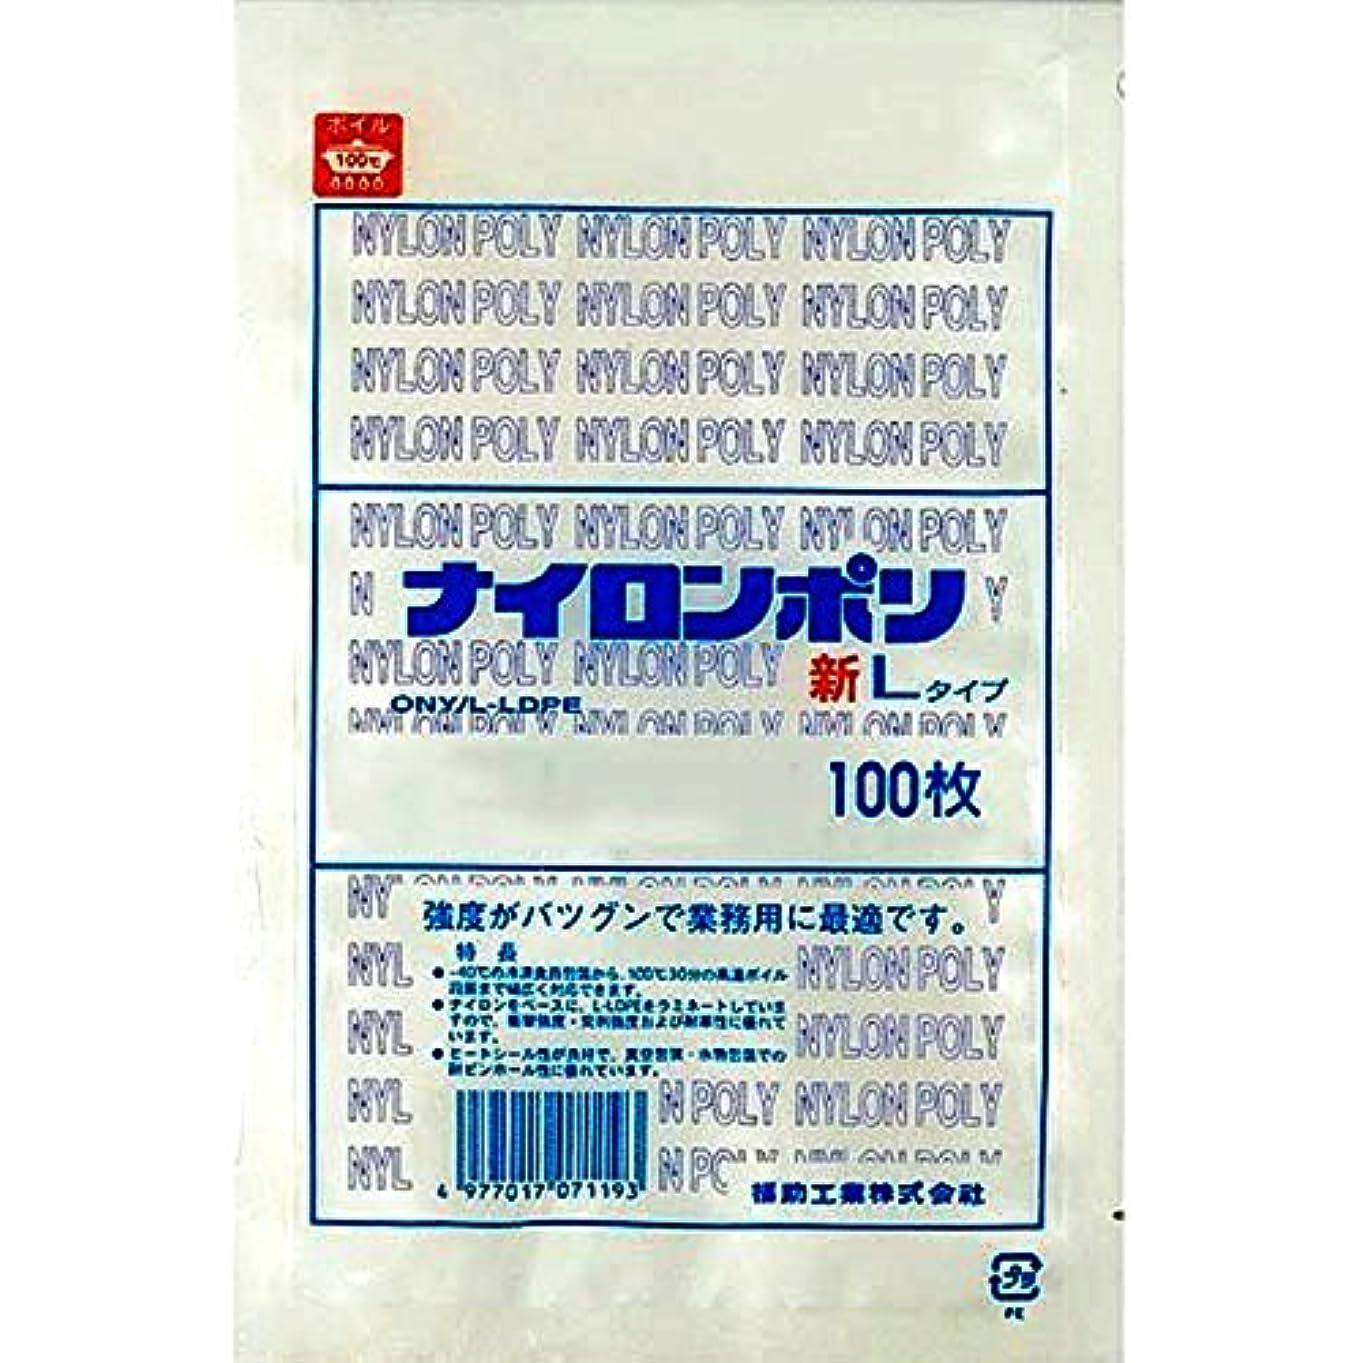 隙間液化する系統的ナイロンポリ 新Lタイプ規格袋 No.14 (100枚) 巾200×長さ300㎜